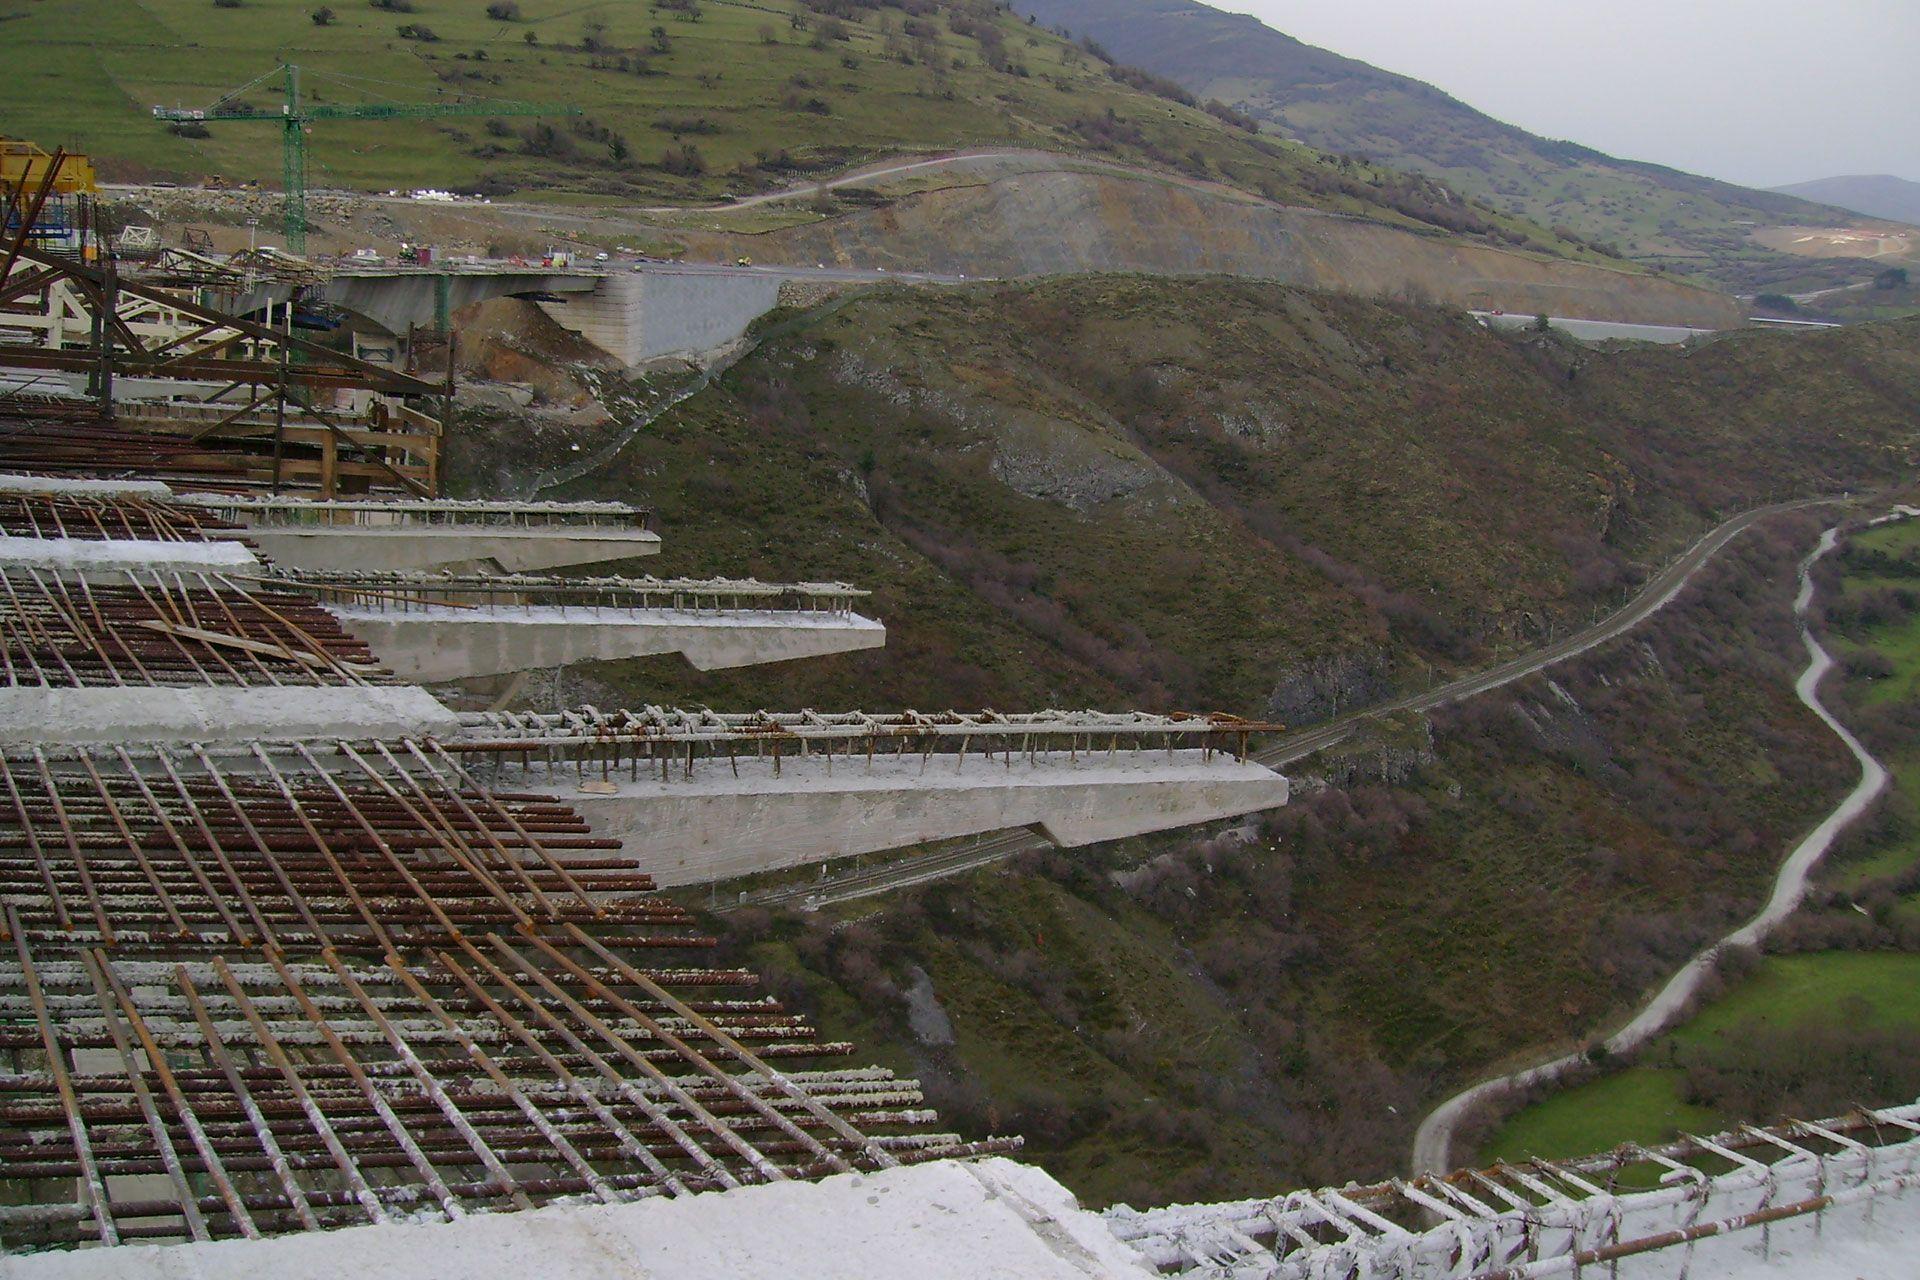 viaducto de montabliz puente de hormigon armado rocacero